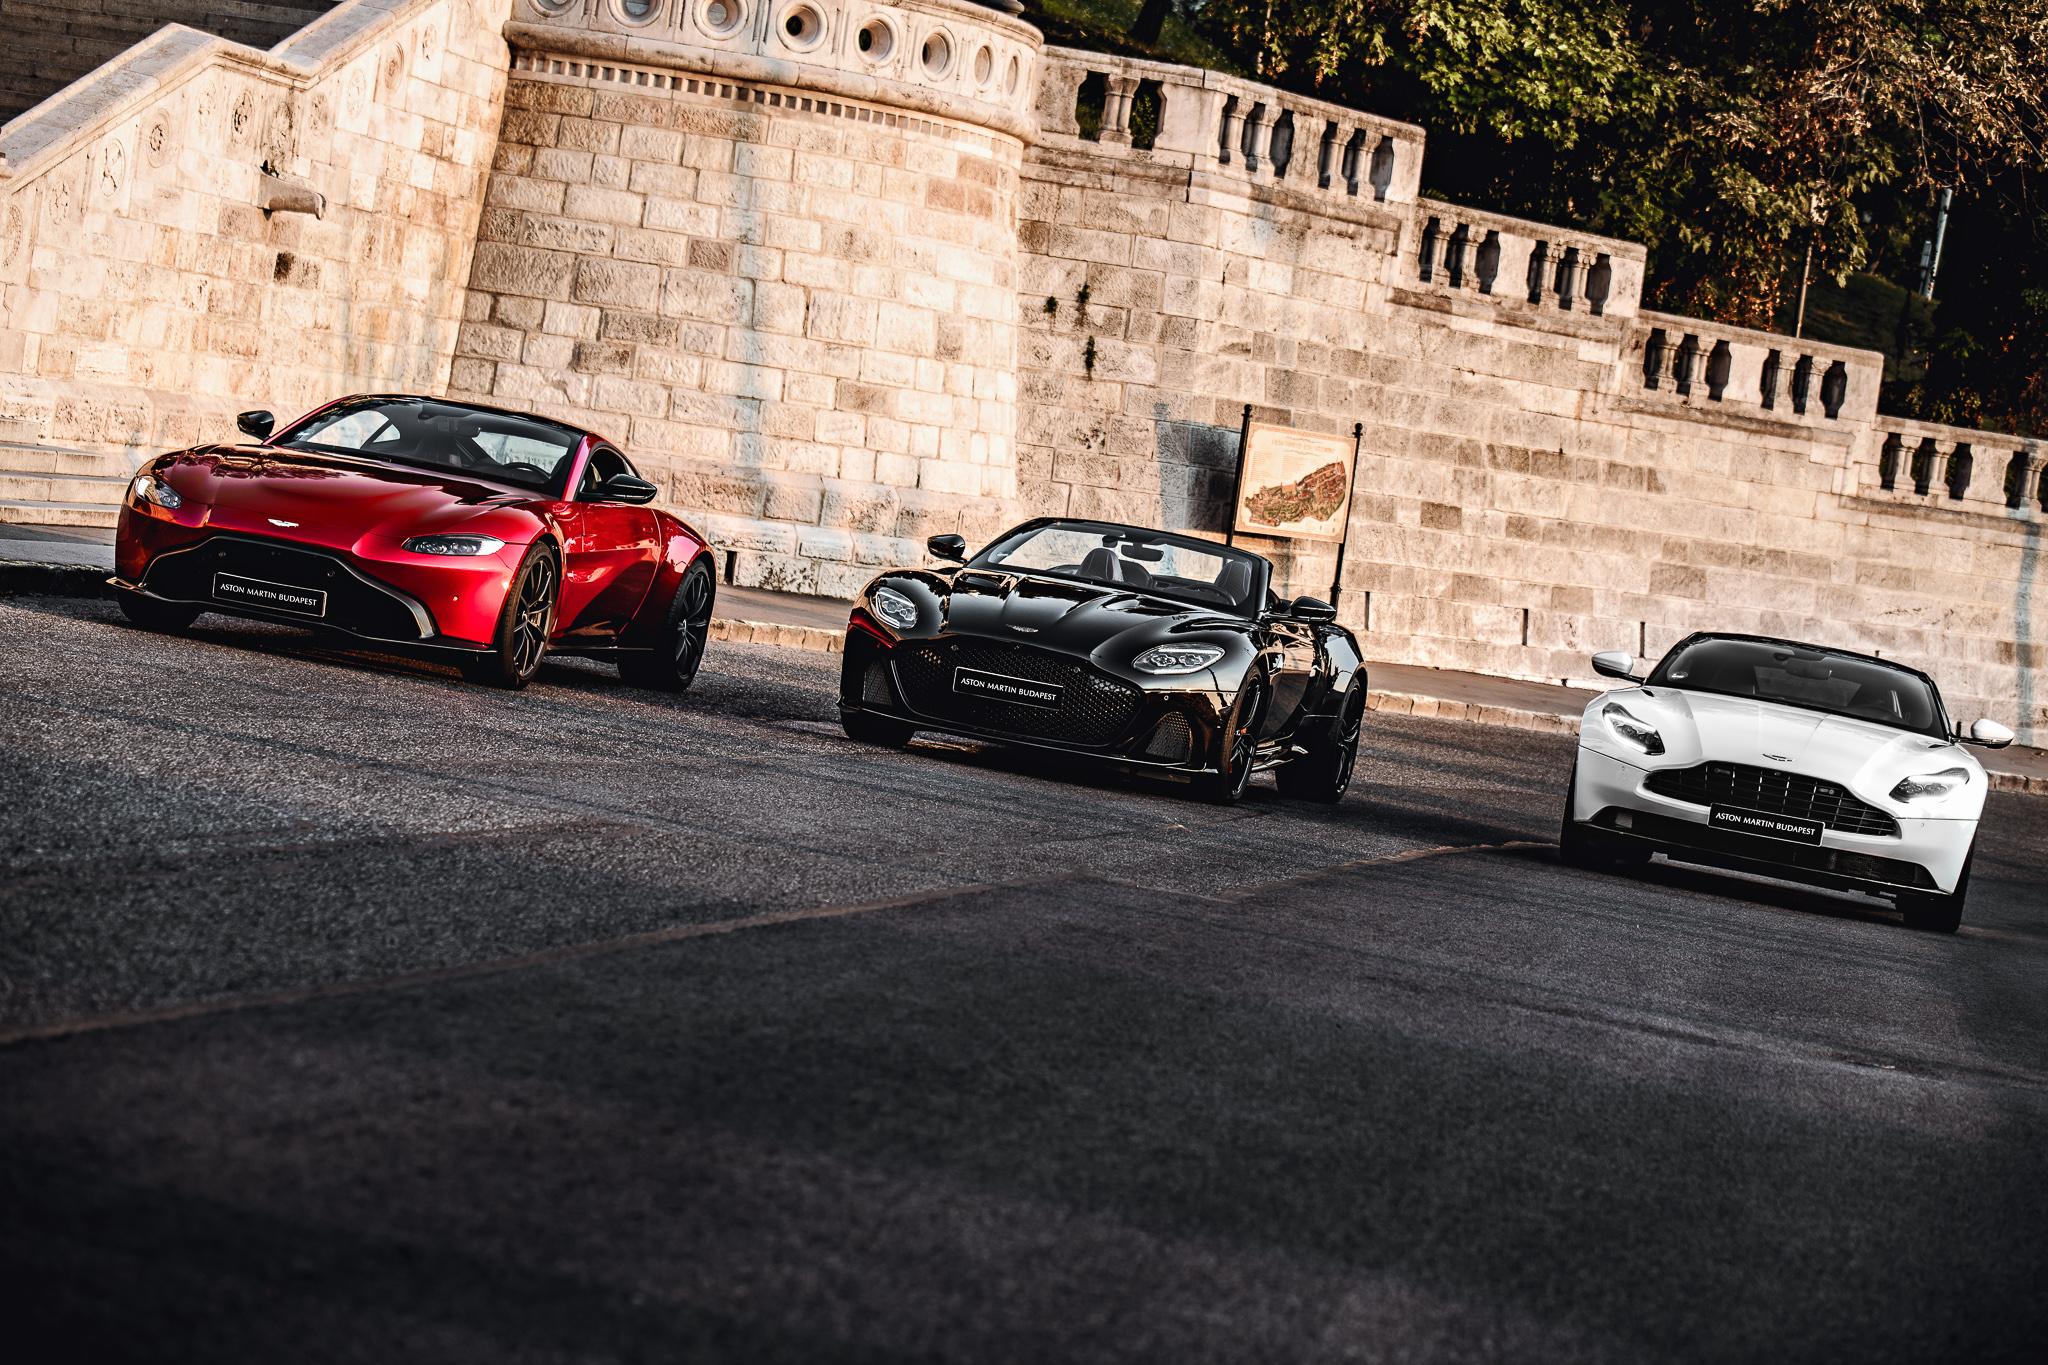 Aston Martin modellek először Budapest aszfaltján